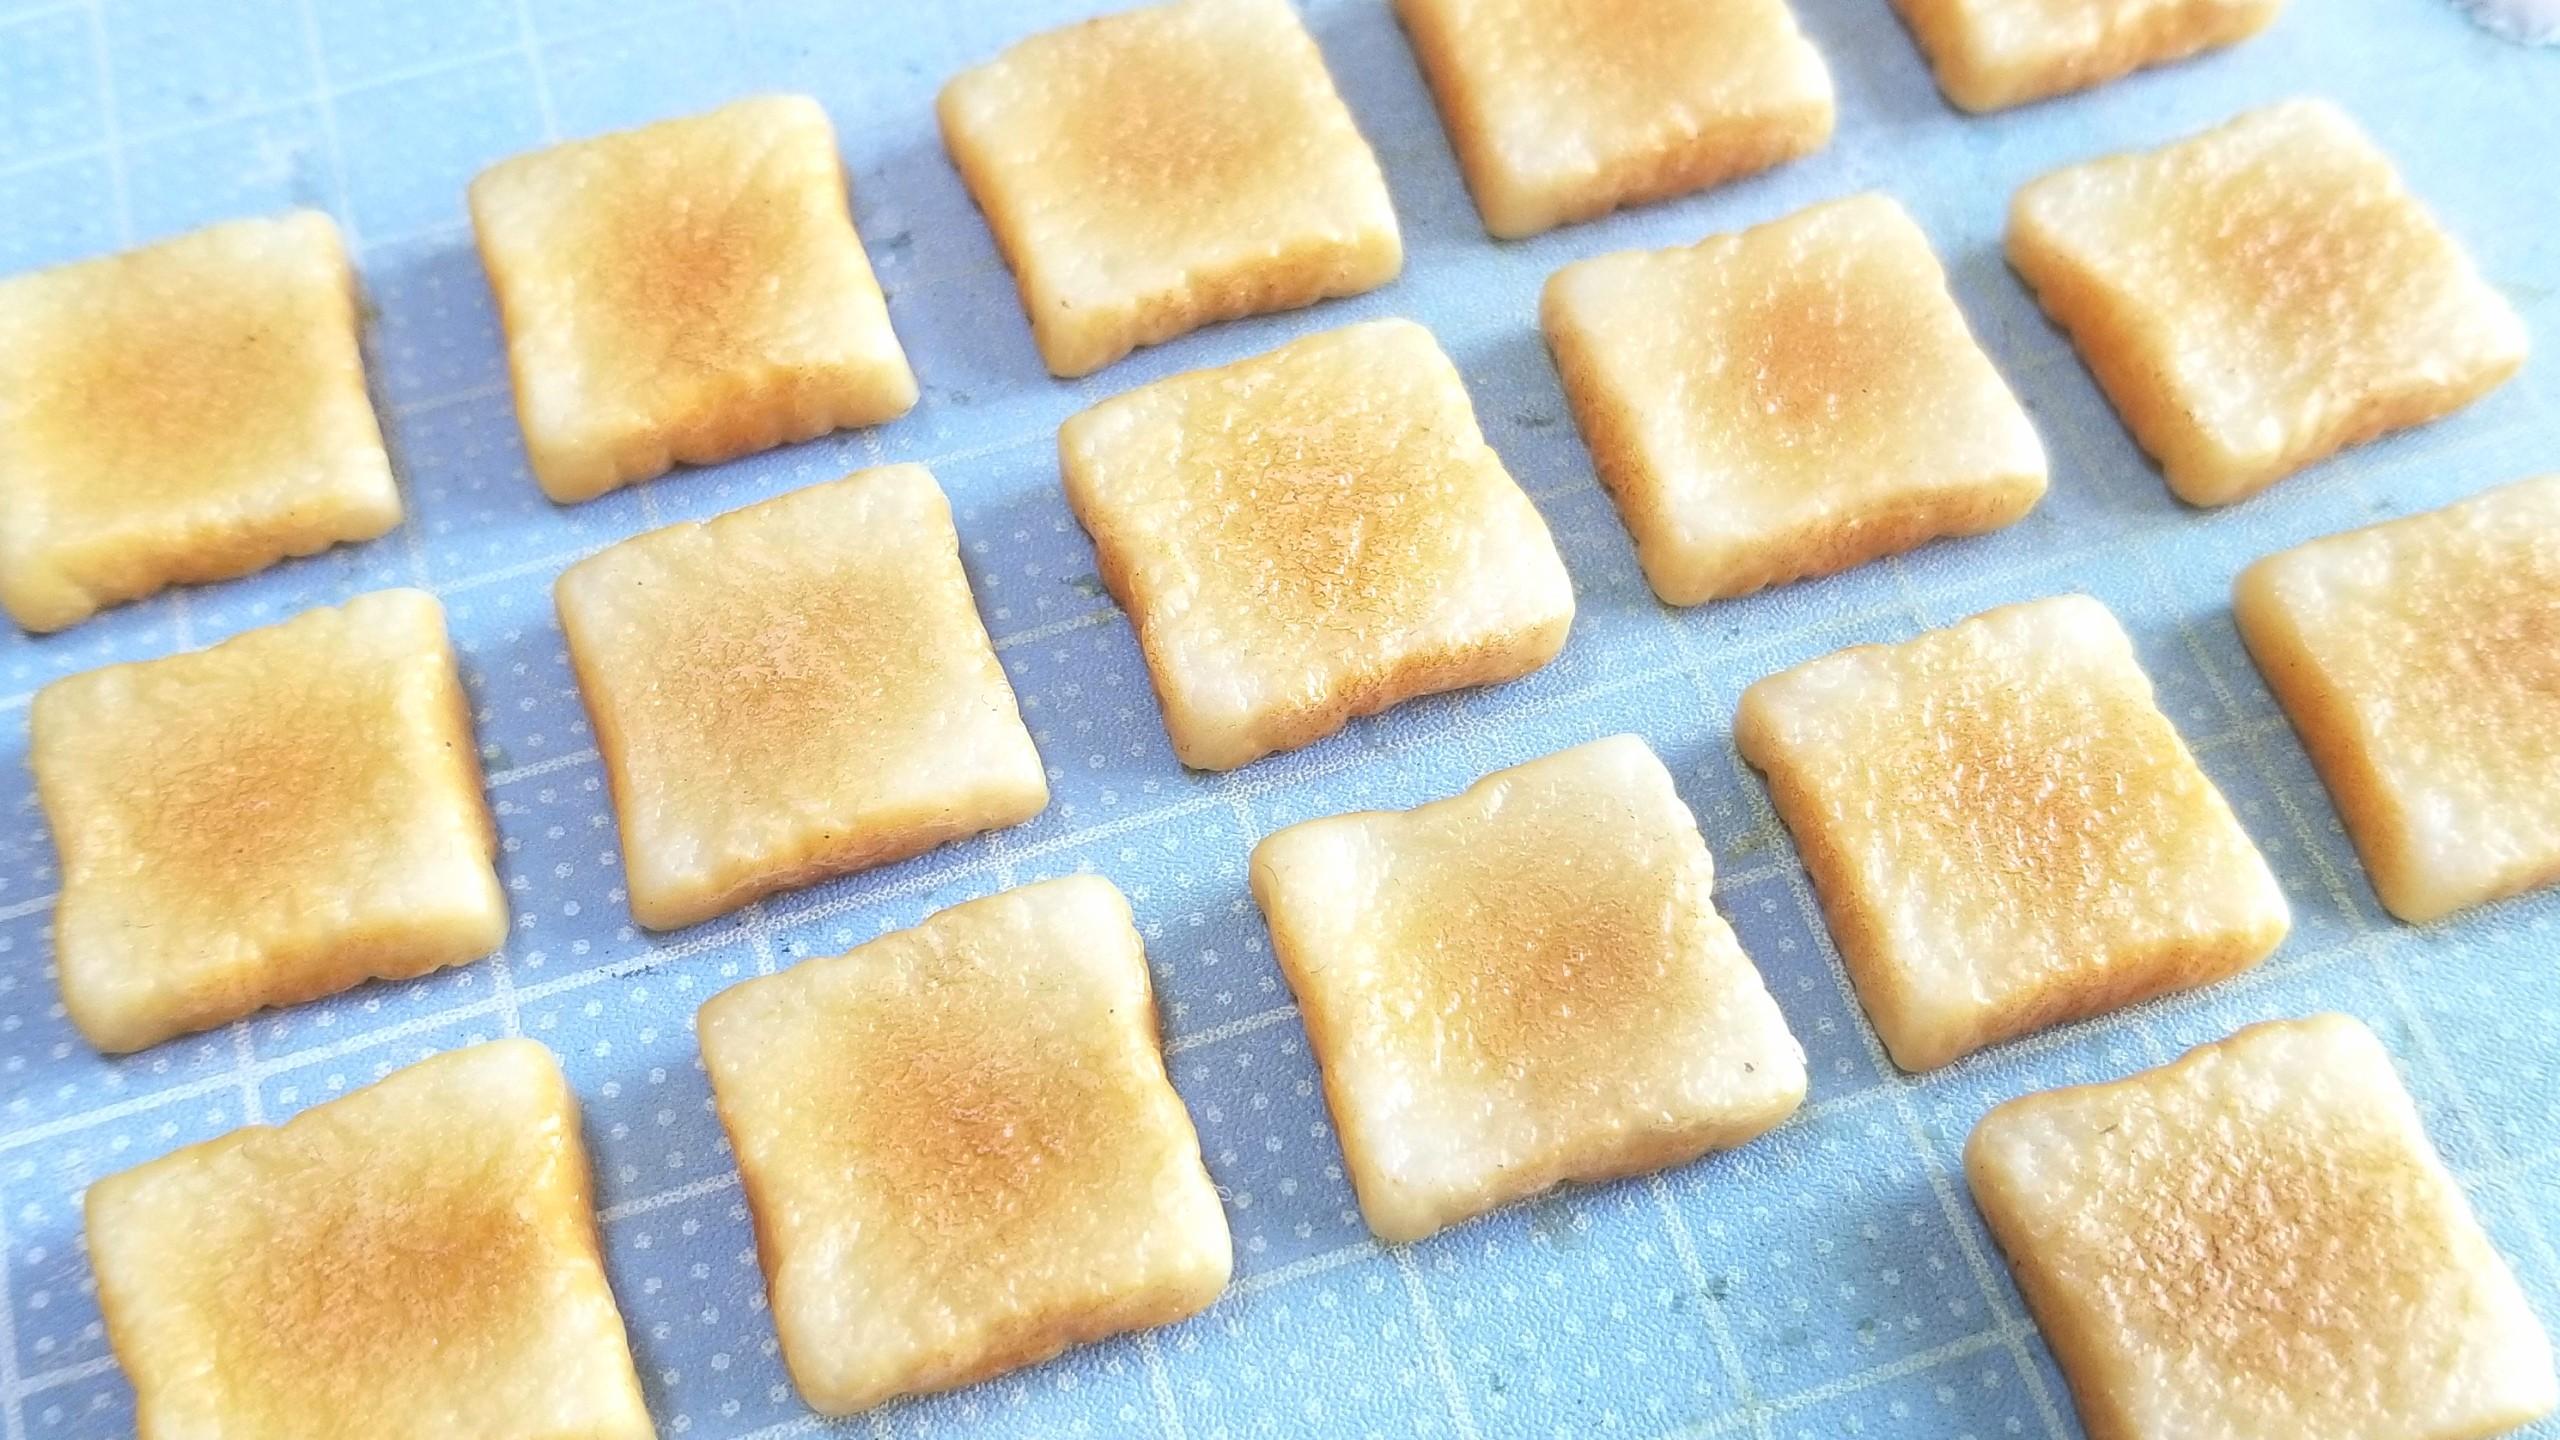 ラピュタ食パン,トースト,作り方,ミニチュアフード,樹脂粘土,人形